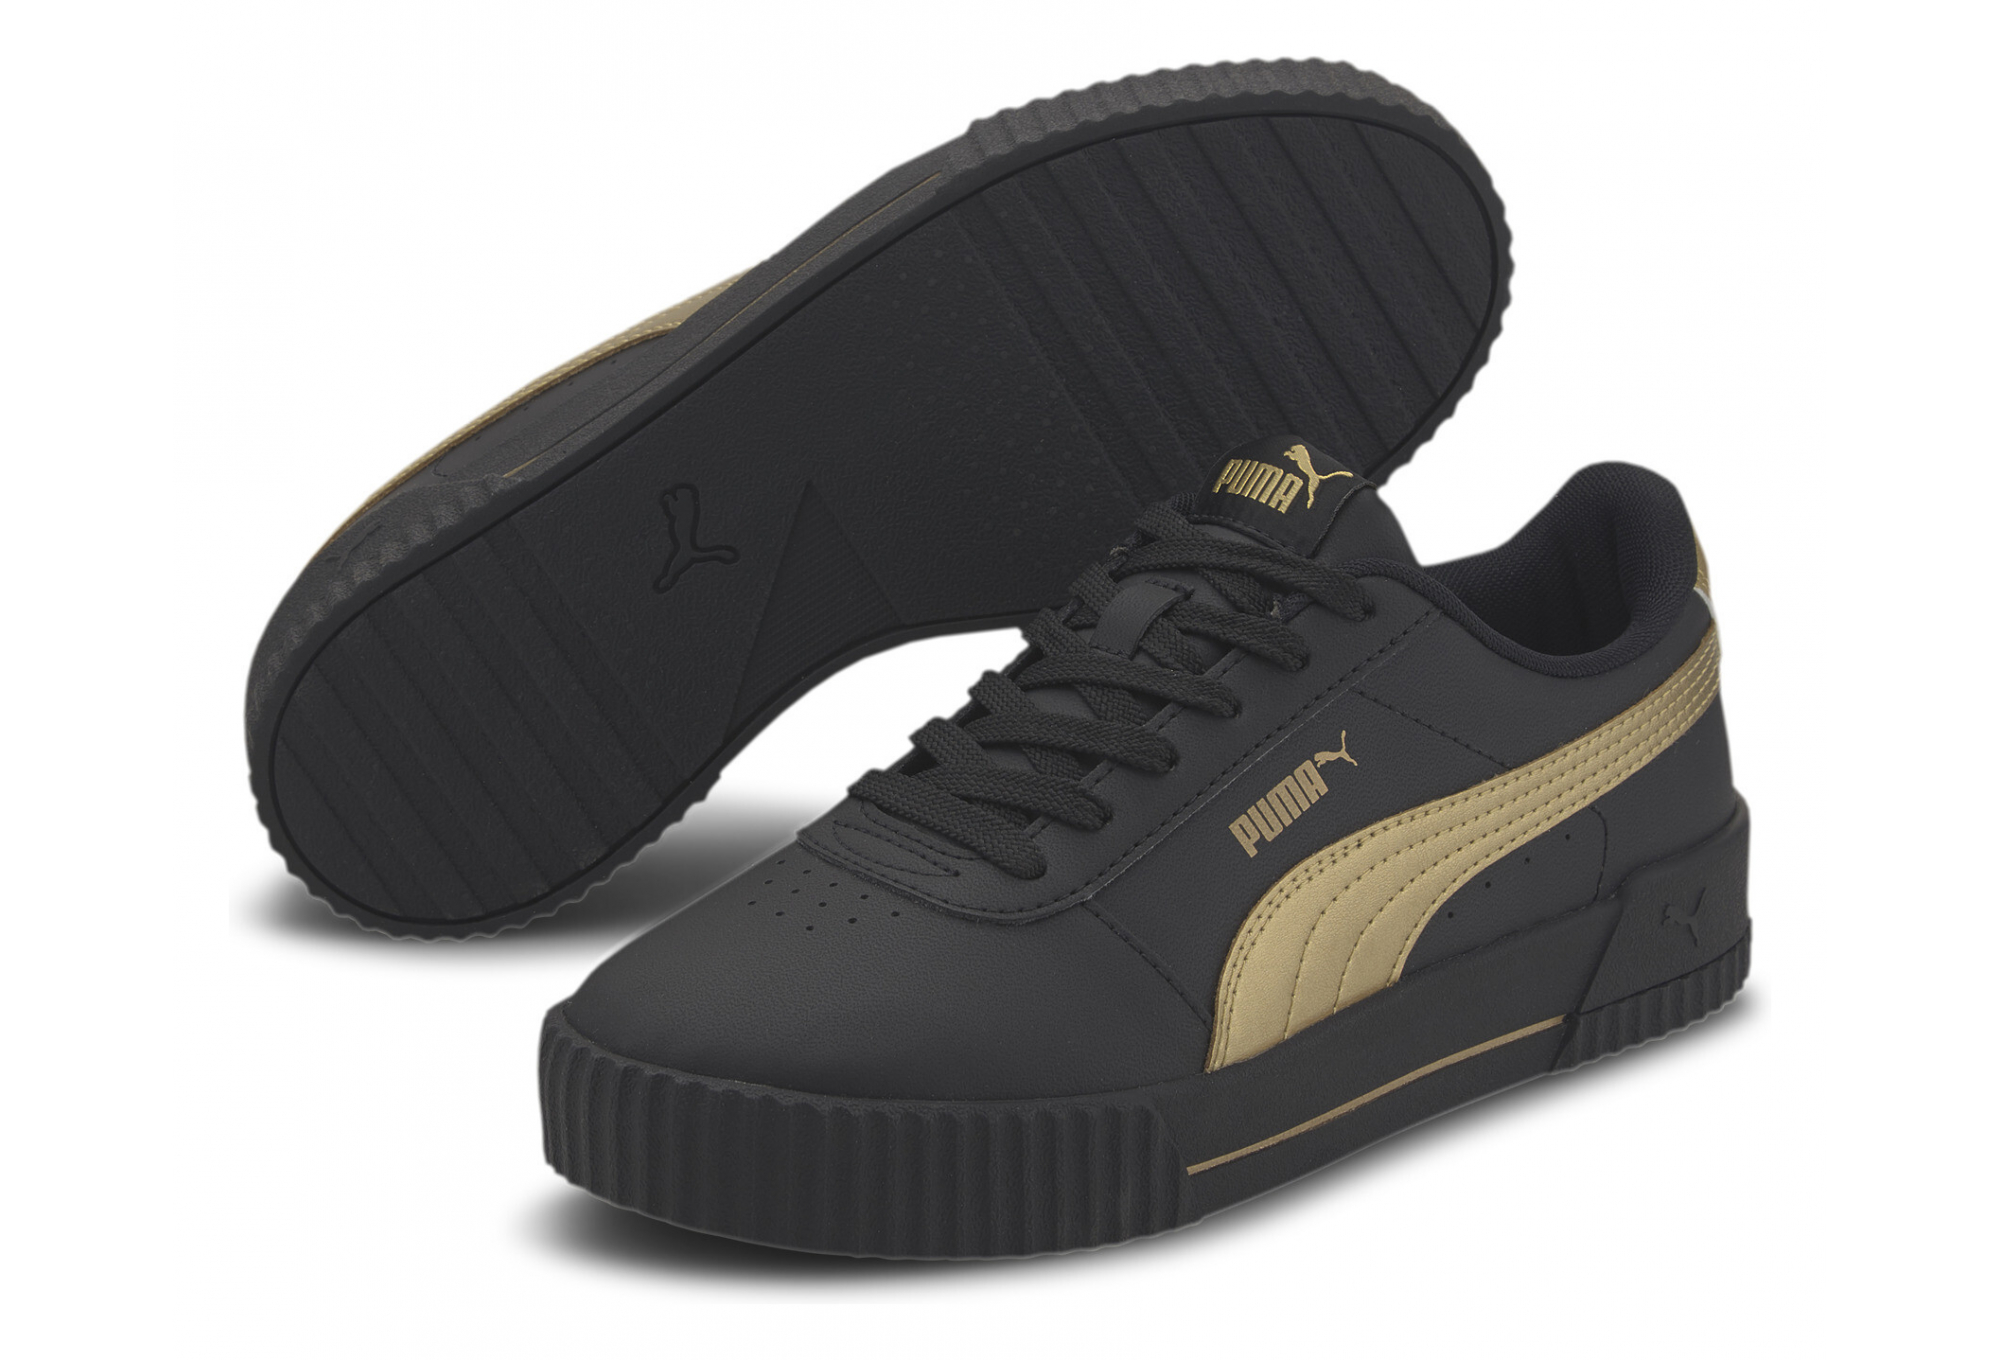 Chaussures femme Puma Carina Meta20 | Alltricks.com